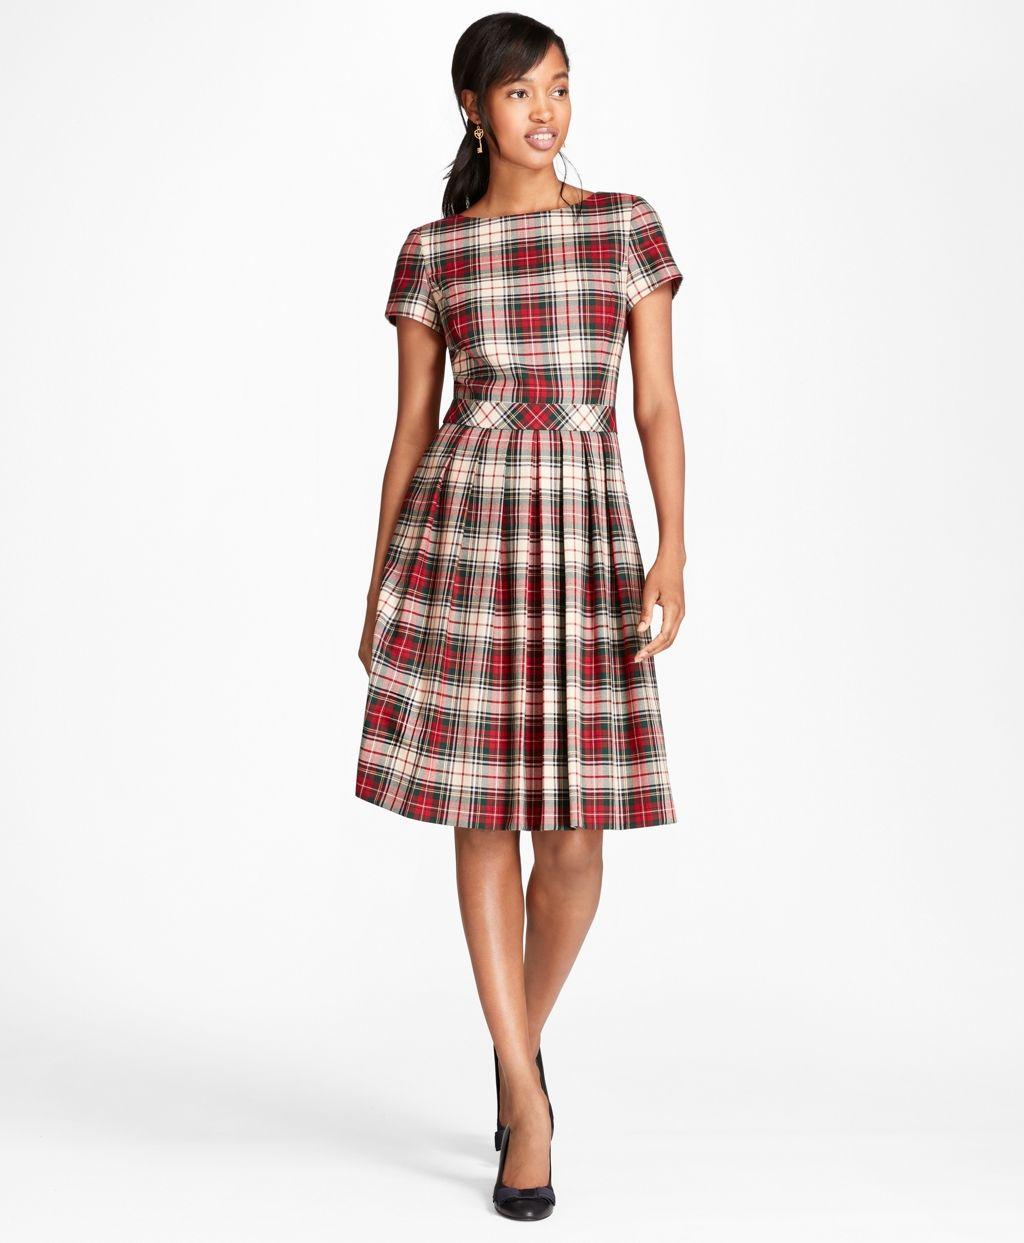 3ba27c5359506 Pleated Tartan Wool Twill Dress - Brooks Brothers   Plaids & Tartans ...